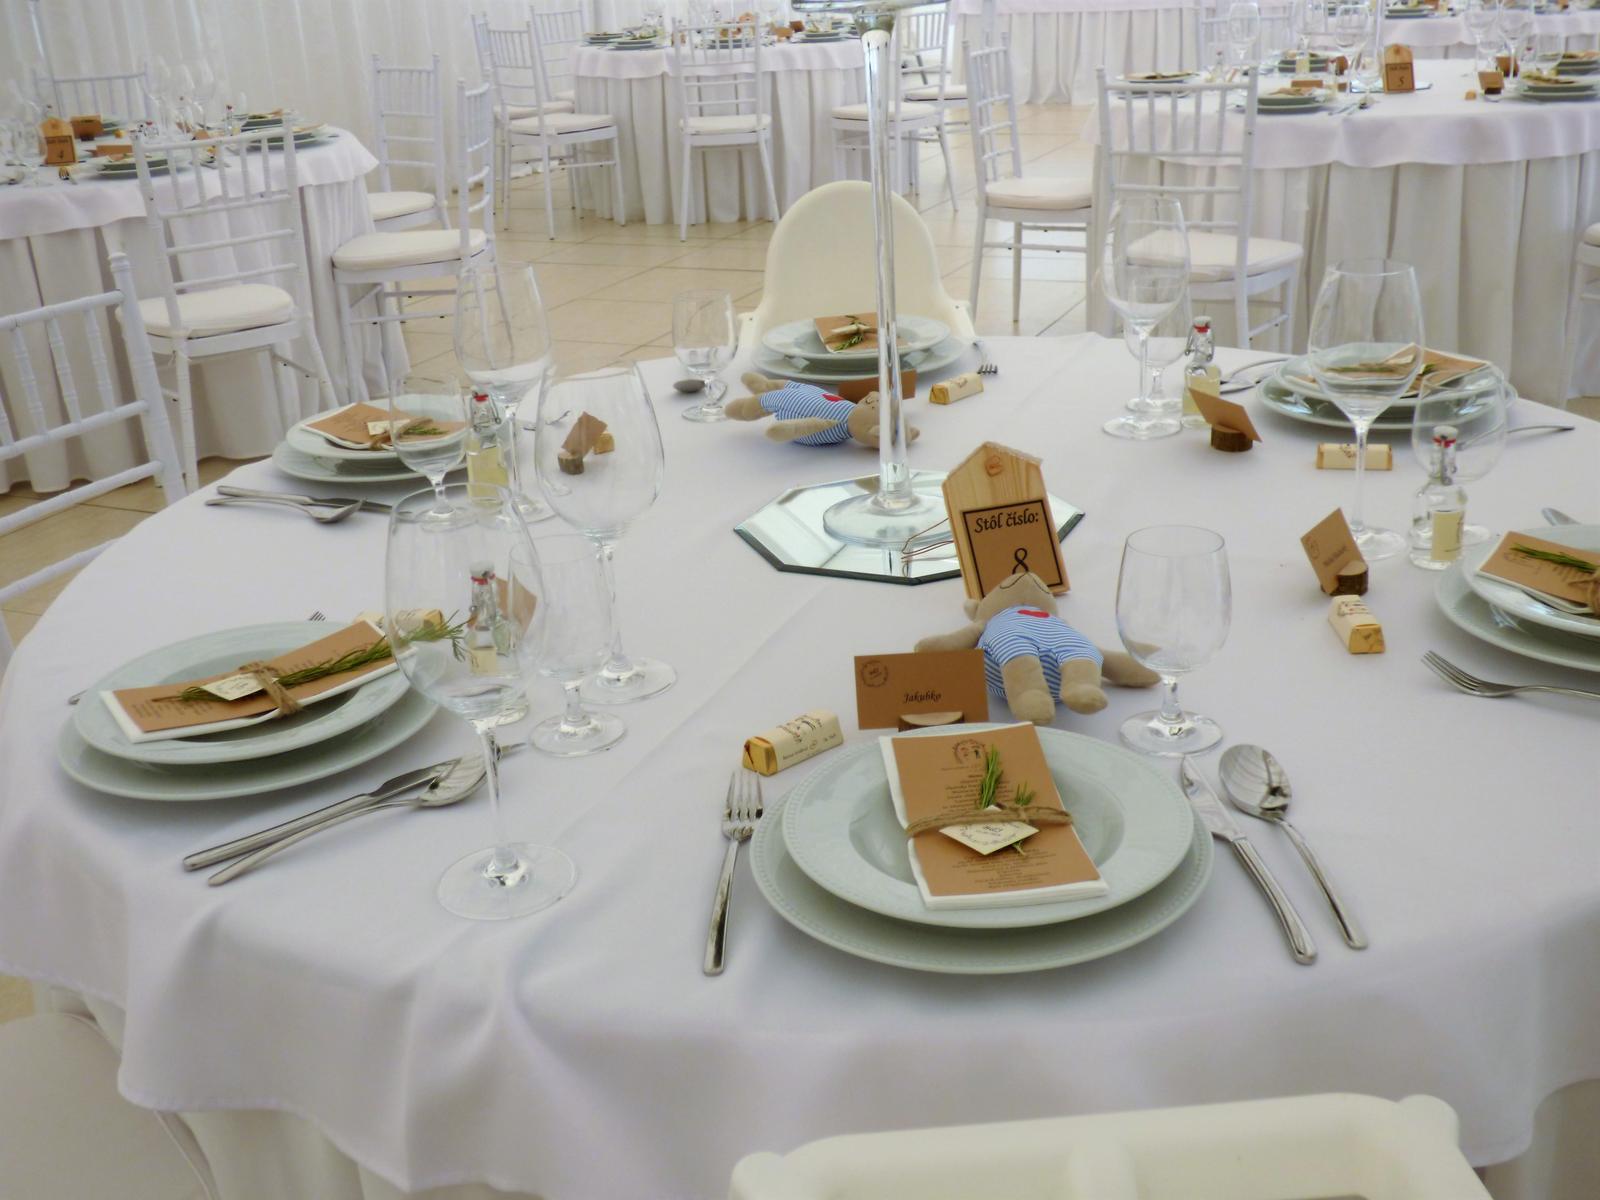 Svadobné dekorácie - požičovňa - Obrázok č. 10